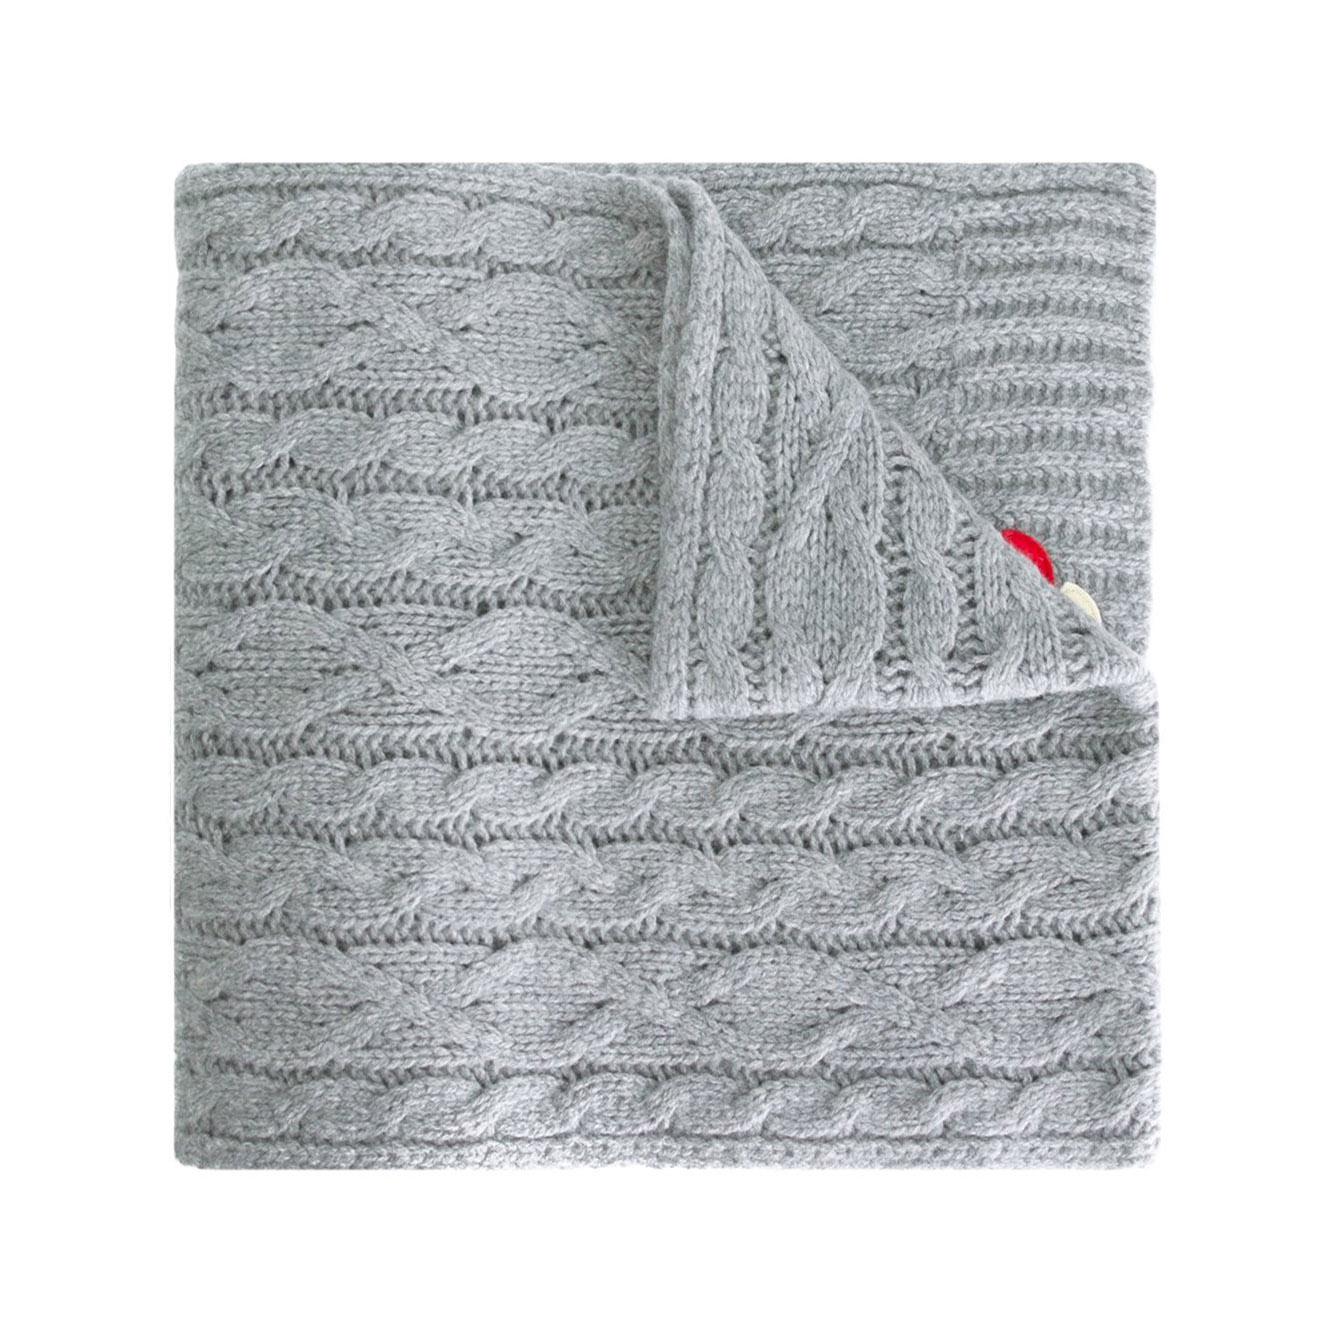 每日穿搭|裹一条老奶奶的针织围巾再出门